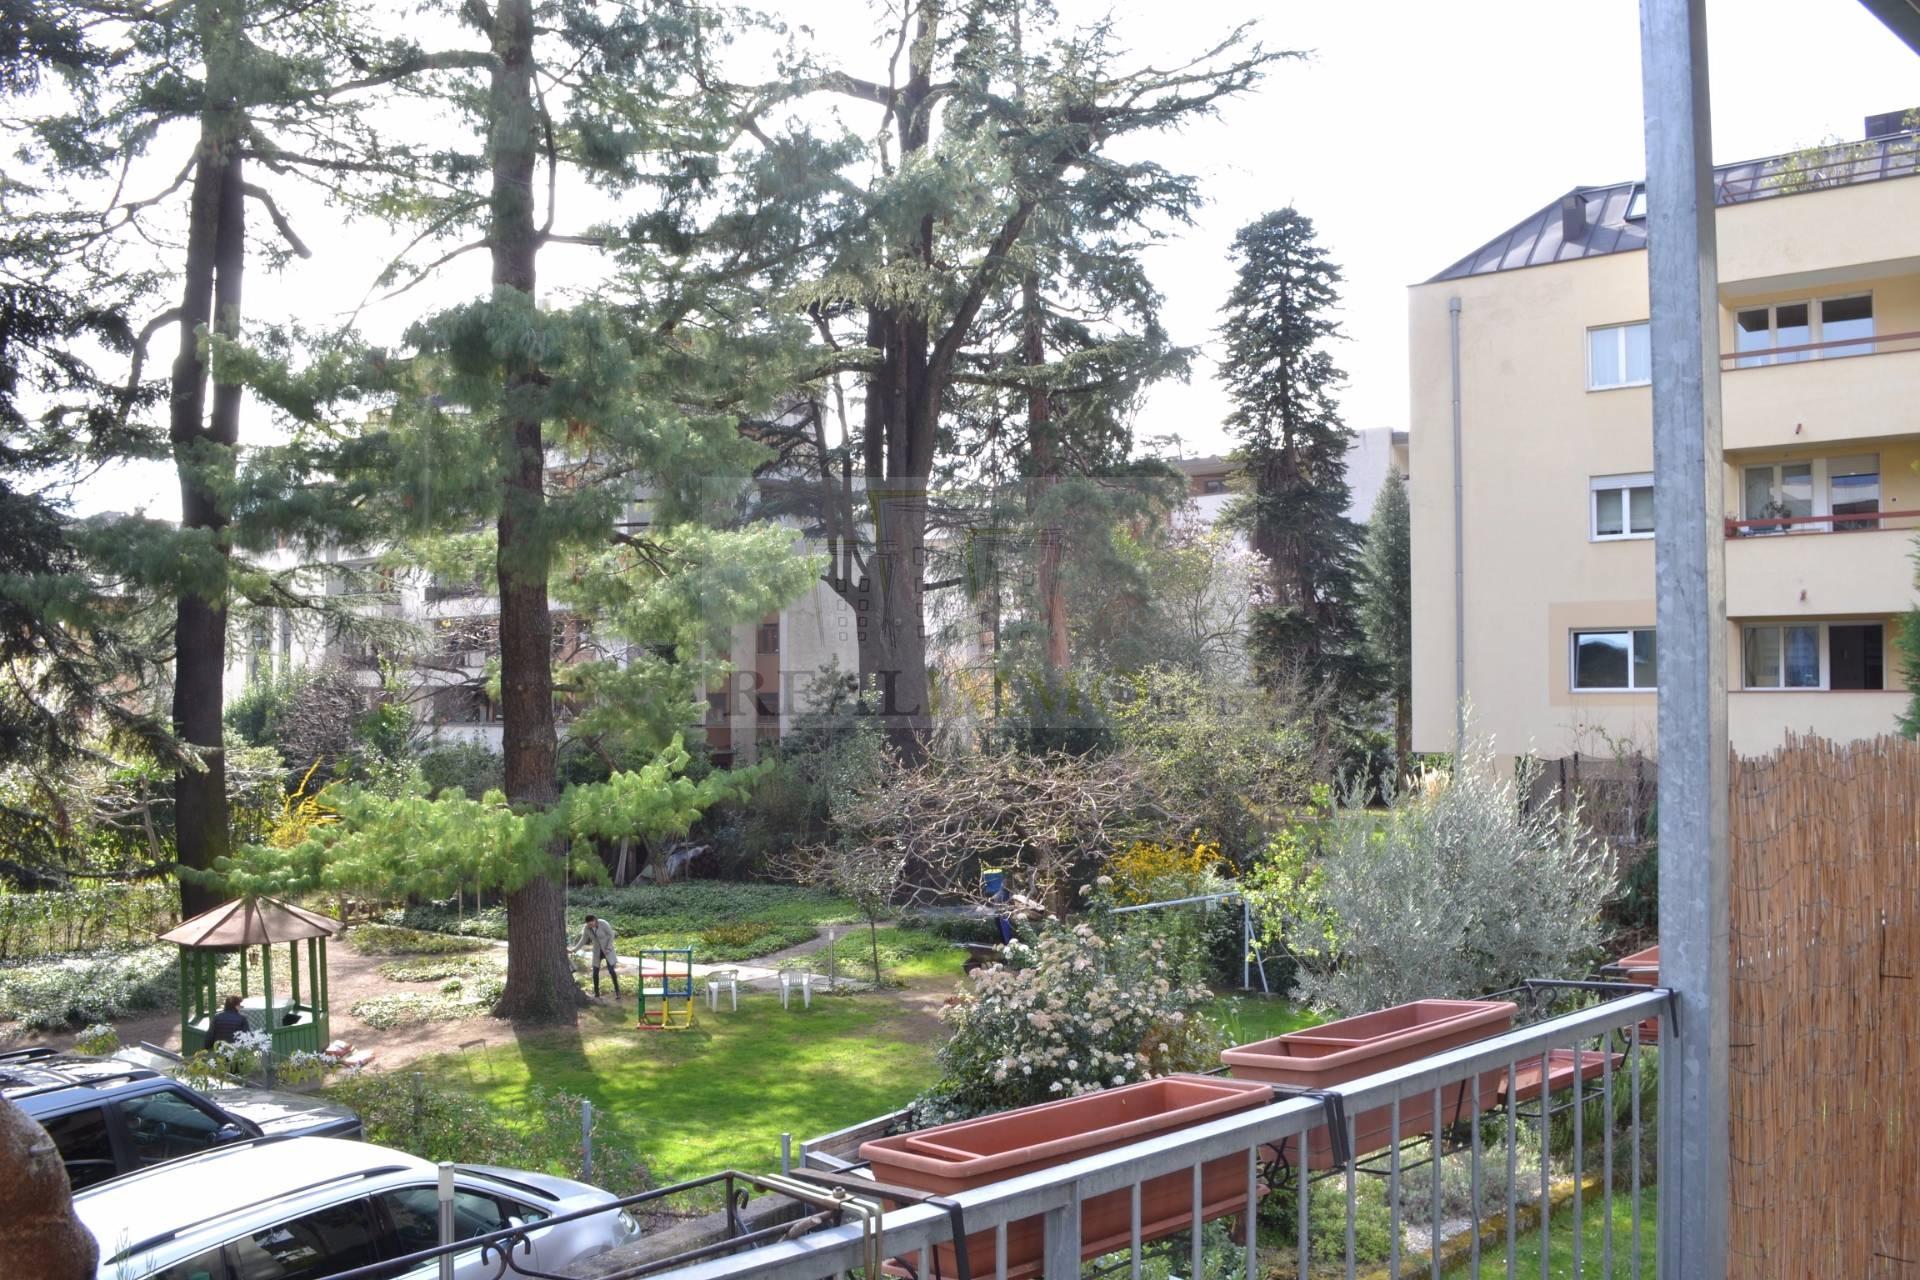 Appartamento in affitto a Bolzano, 4 locali, zona Zona: Centro, prezzo € 1.500 | Cambio Casa.it